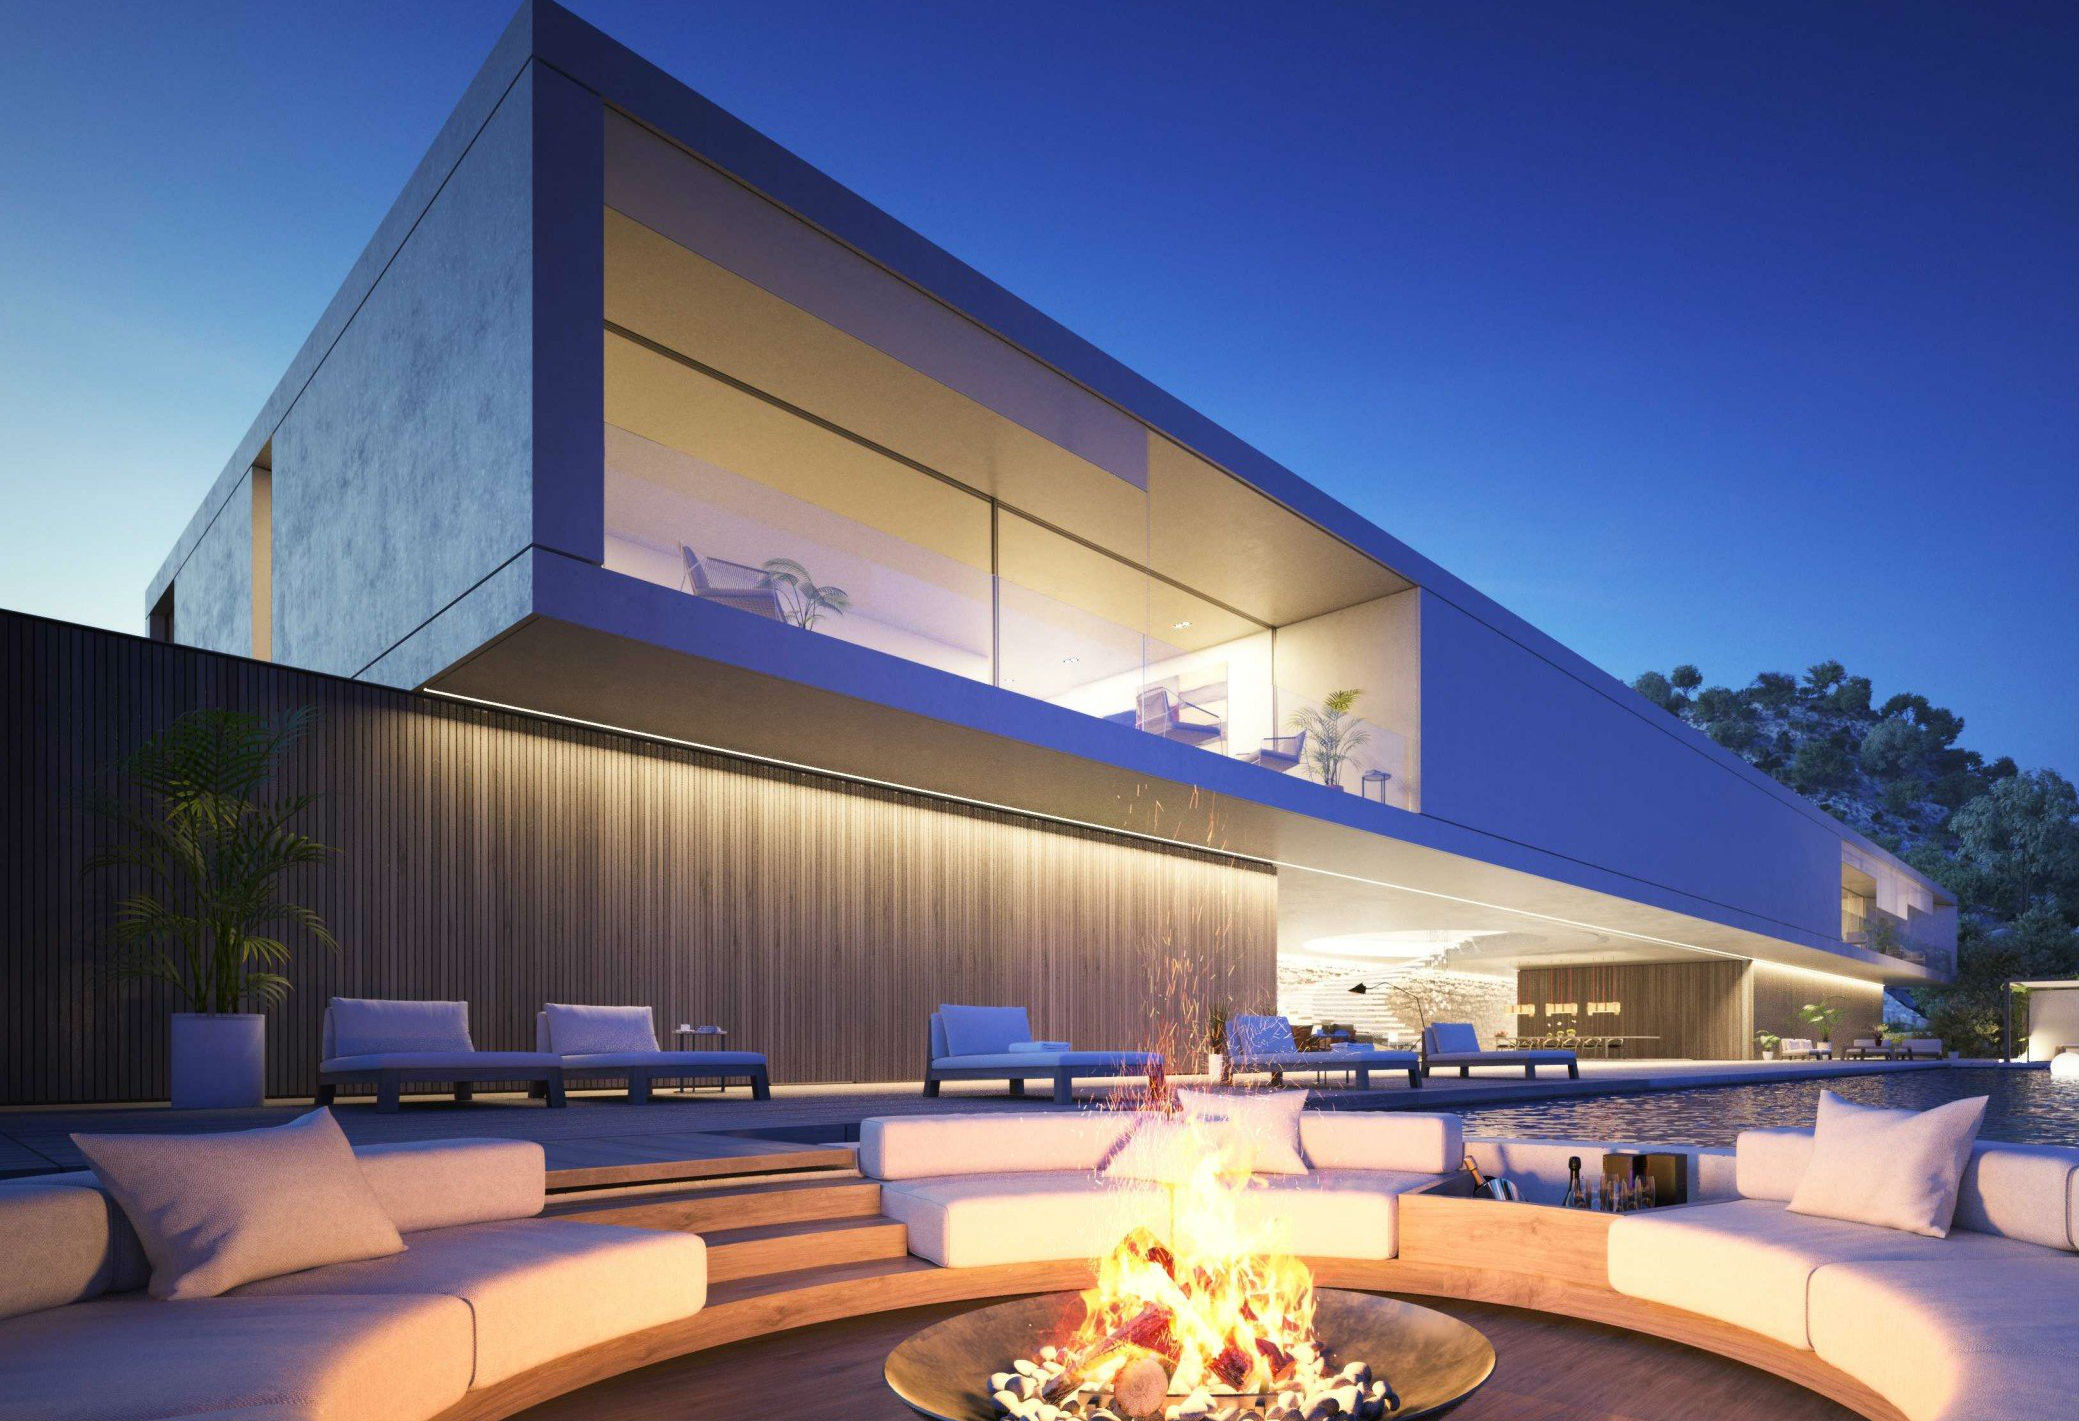 Mansiones de lujo idealista news - Fotos de casas de lujo por dentro y por fuera ...